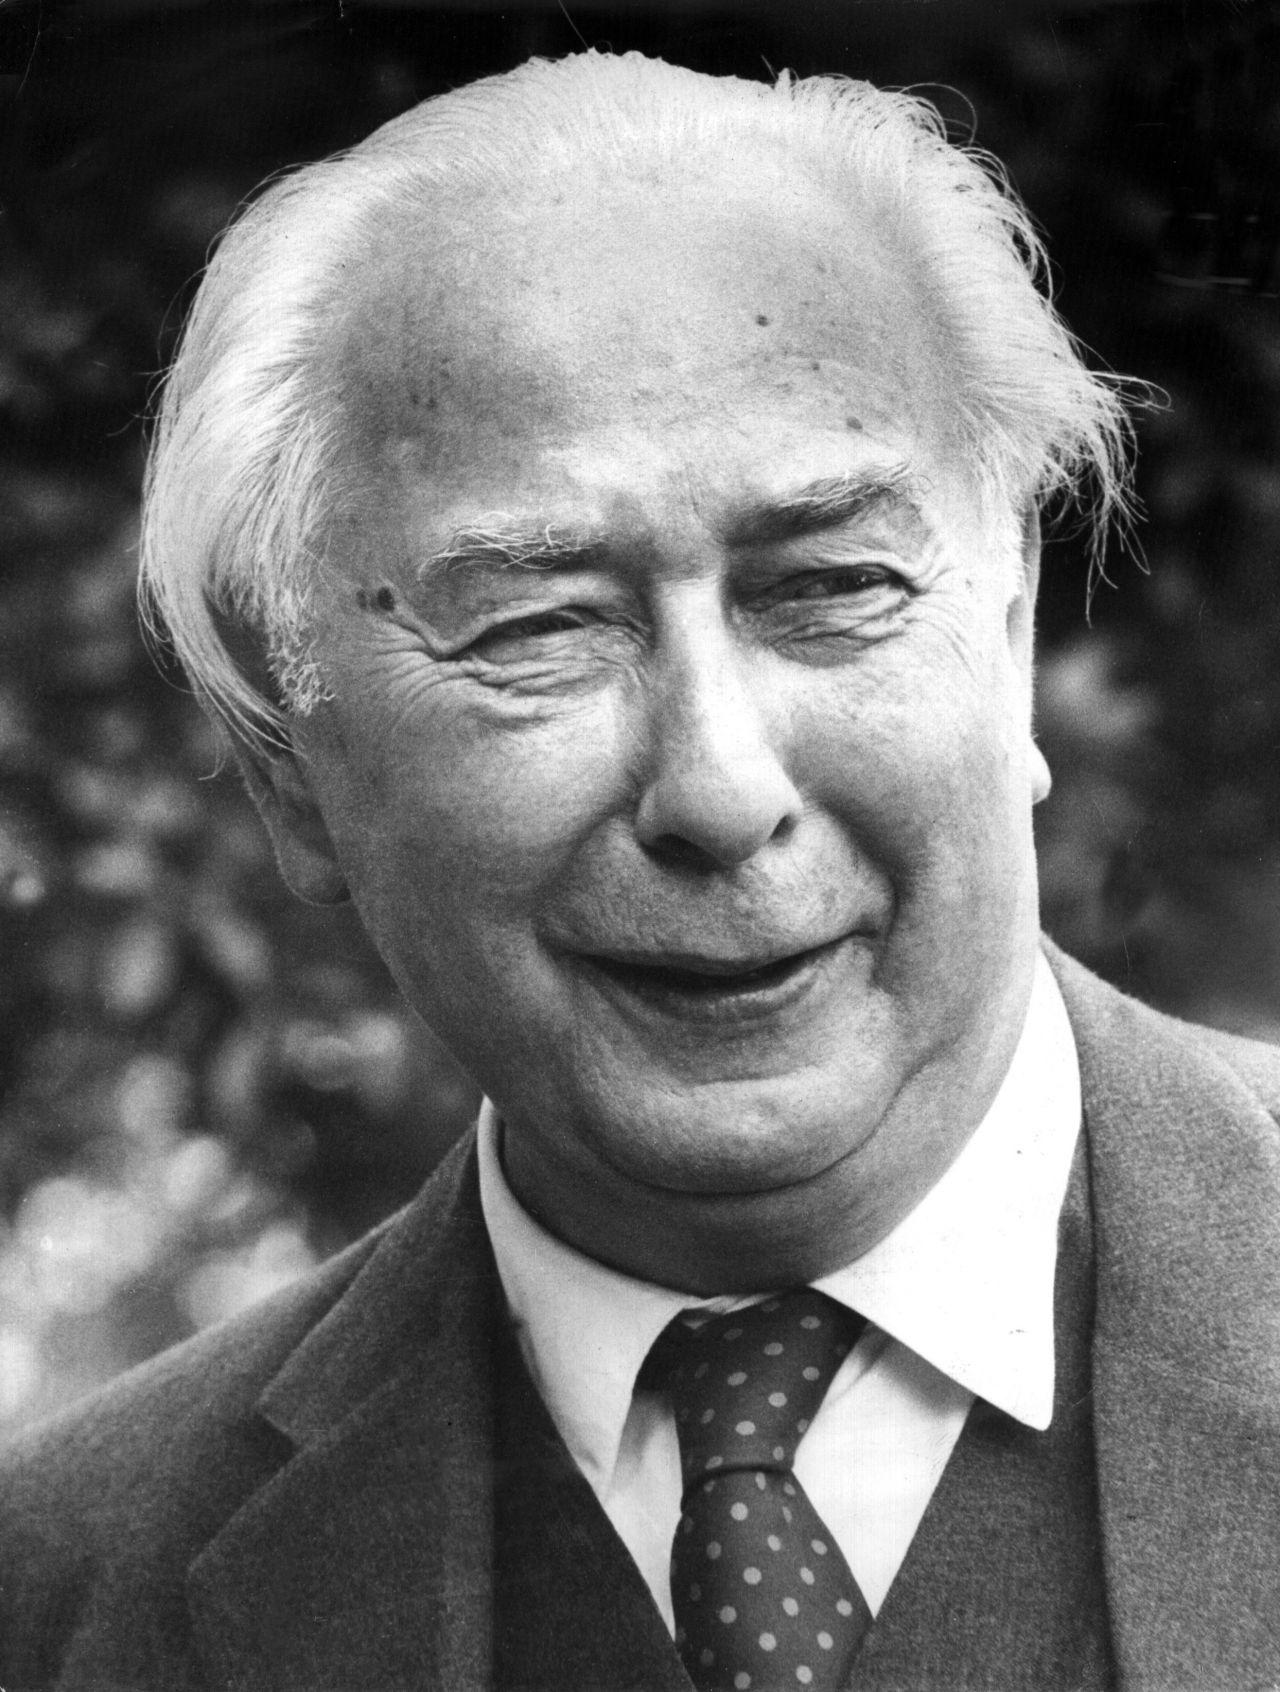 Theodor Heuss war der erste Bundespräsident nach dem 2. Weltkrieg.